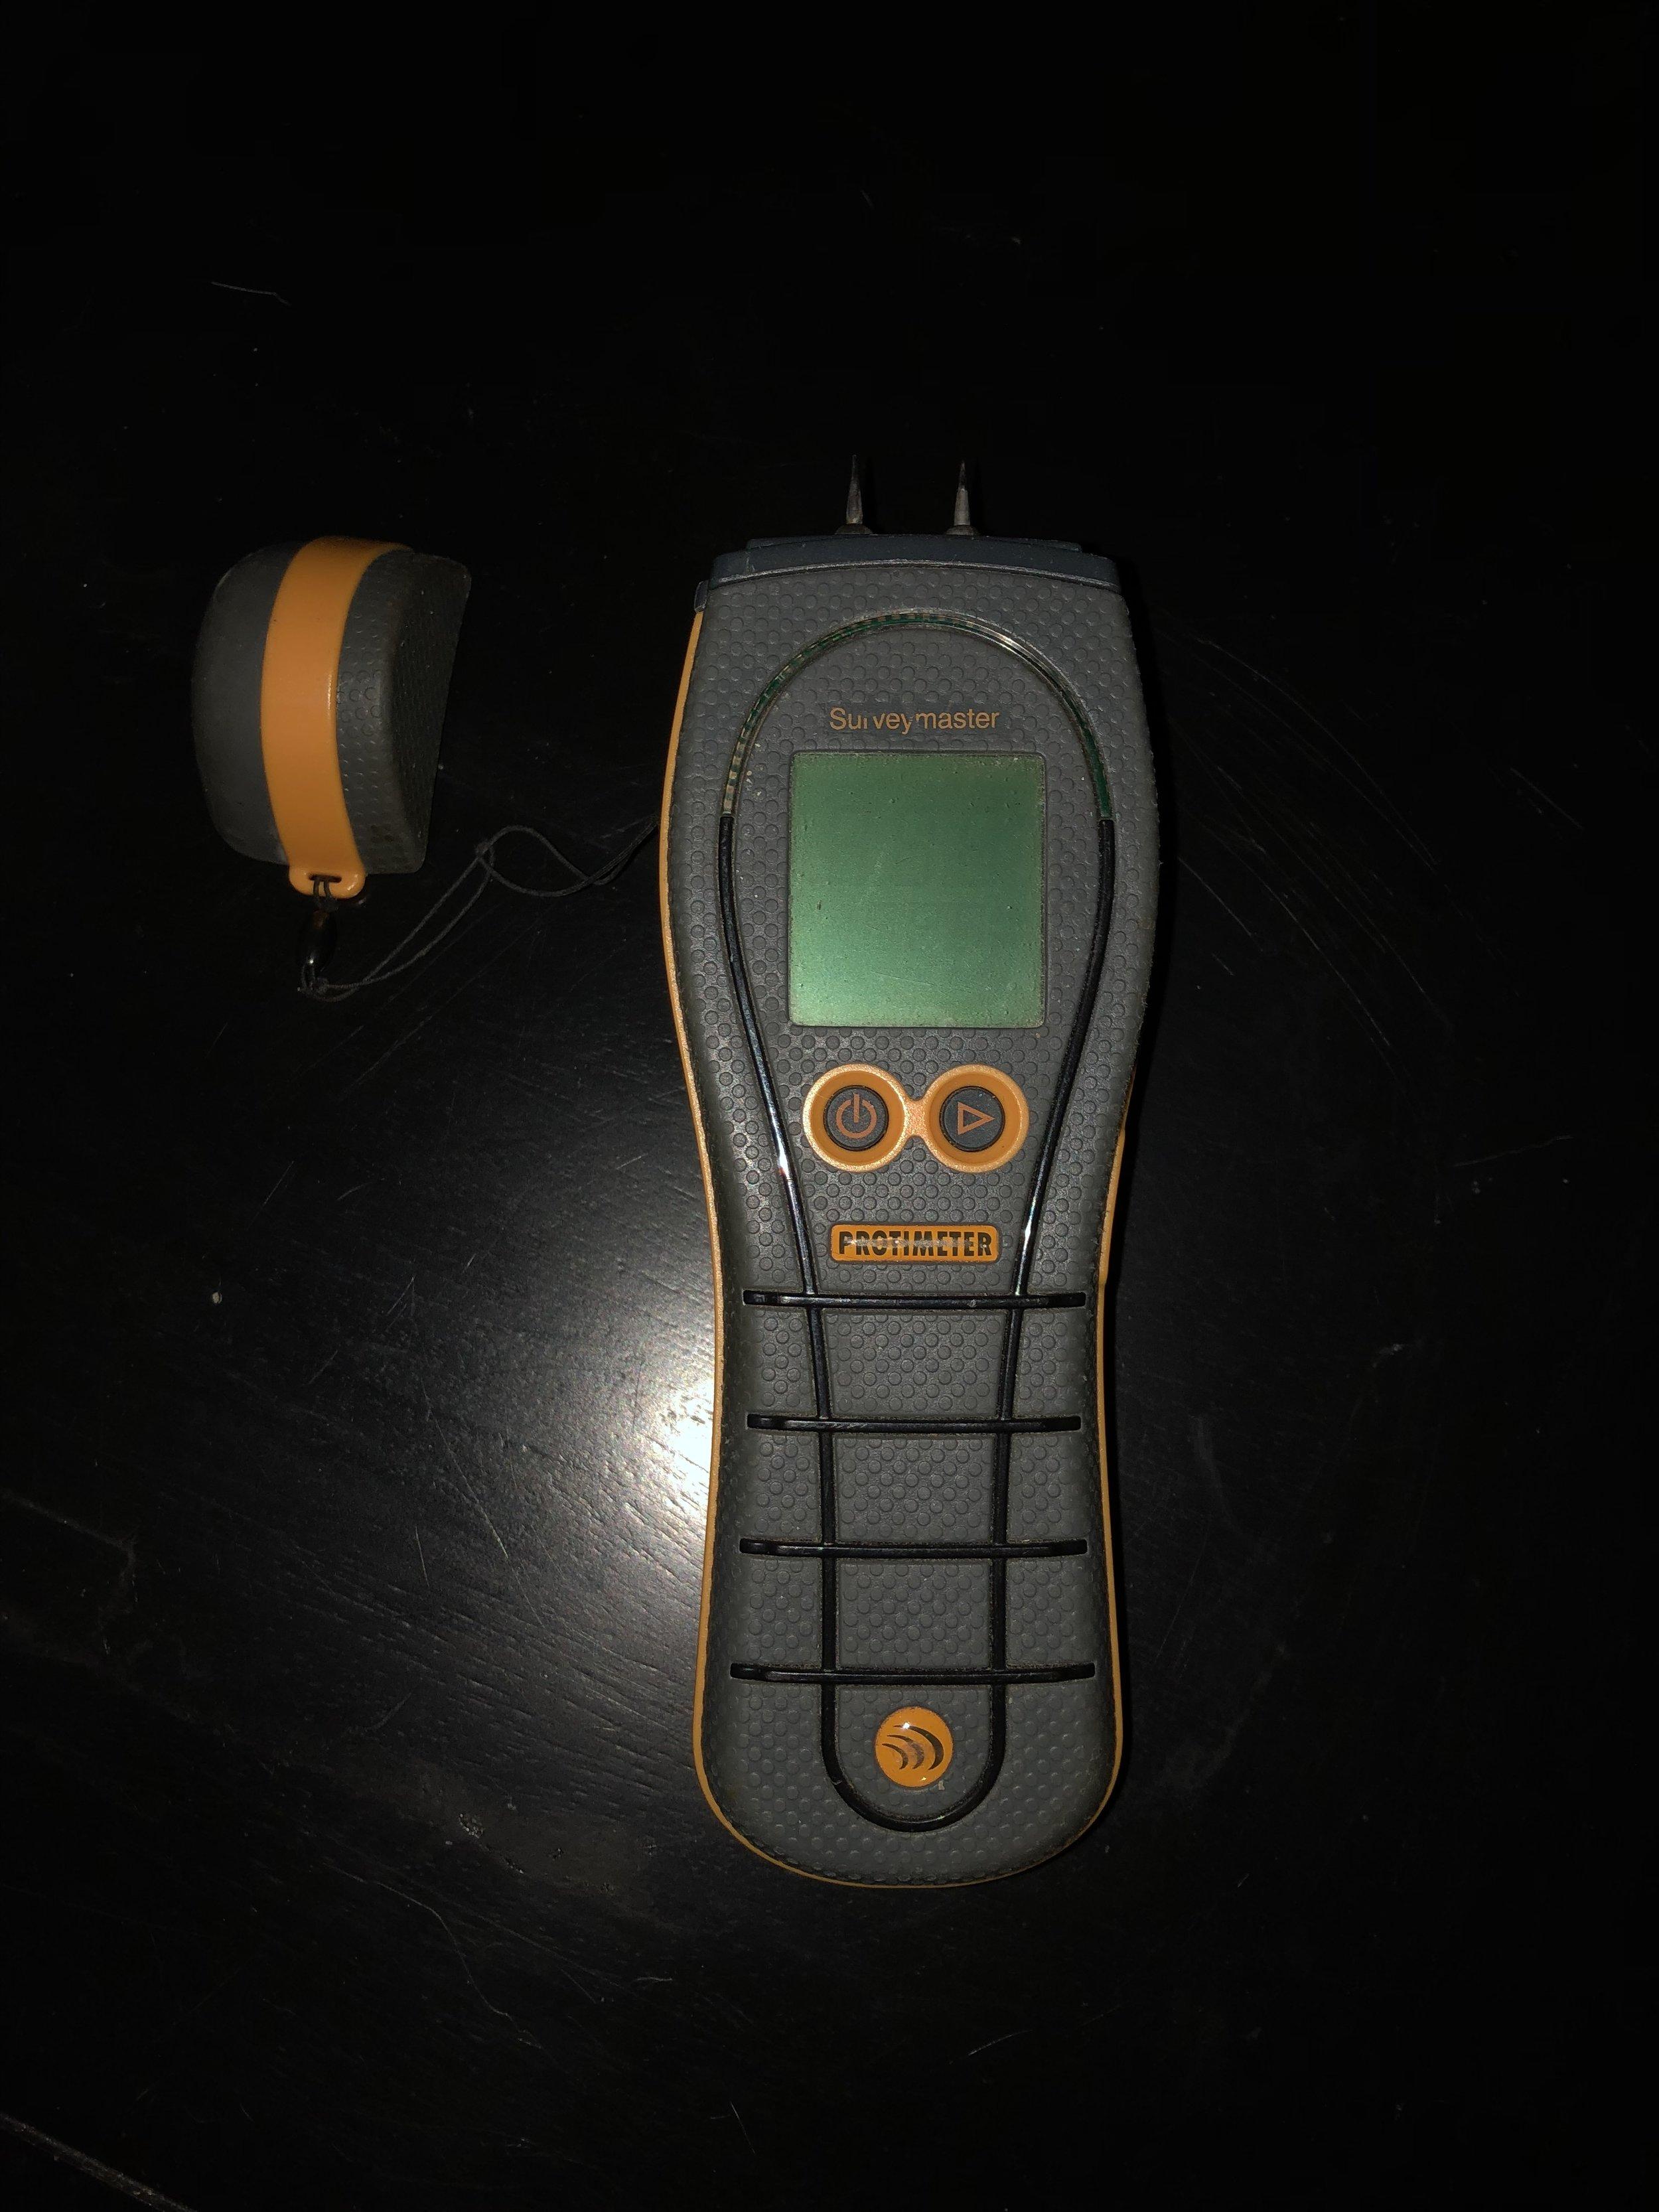 protimeter-surveymaster-moisture-meter.jpg